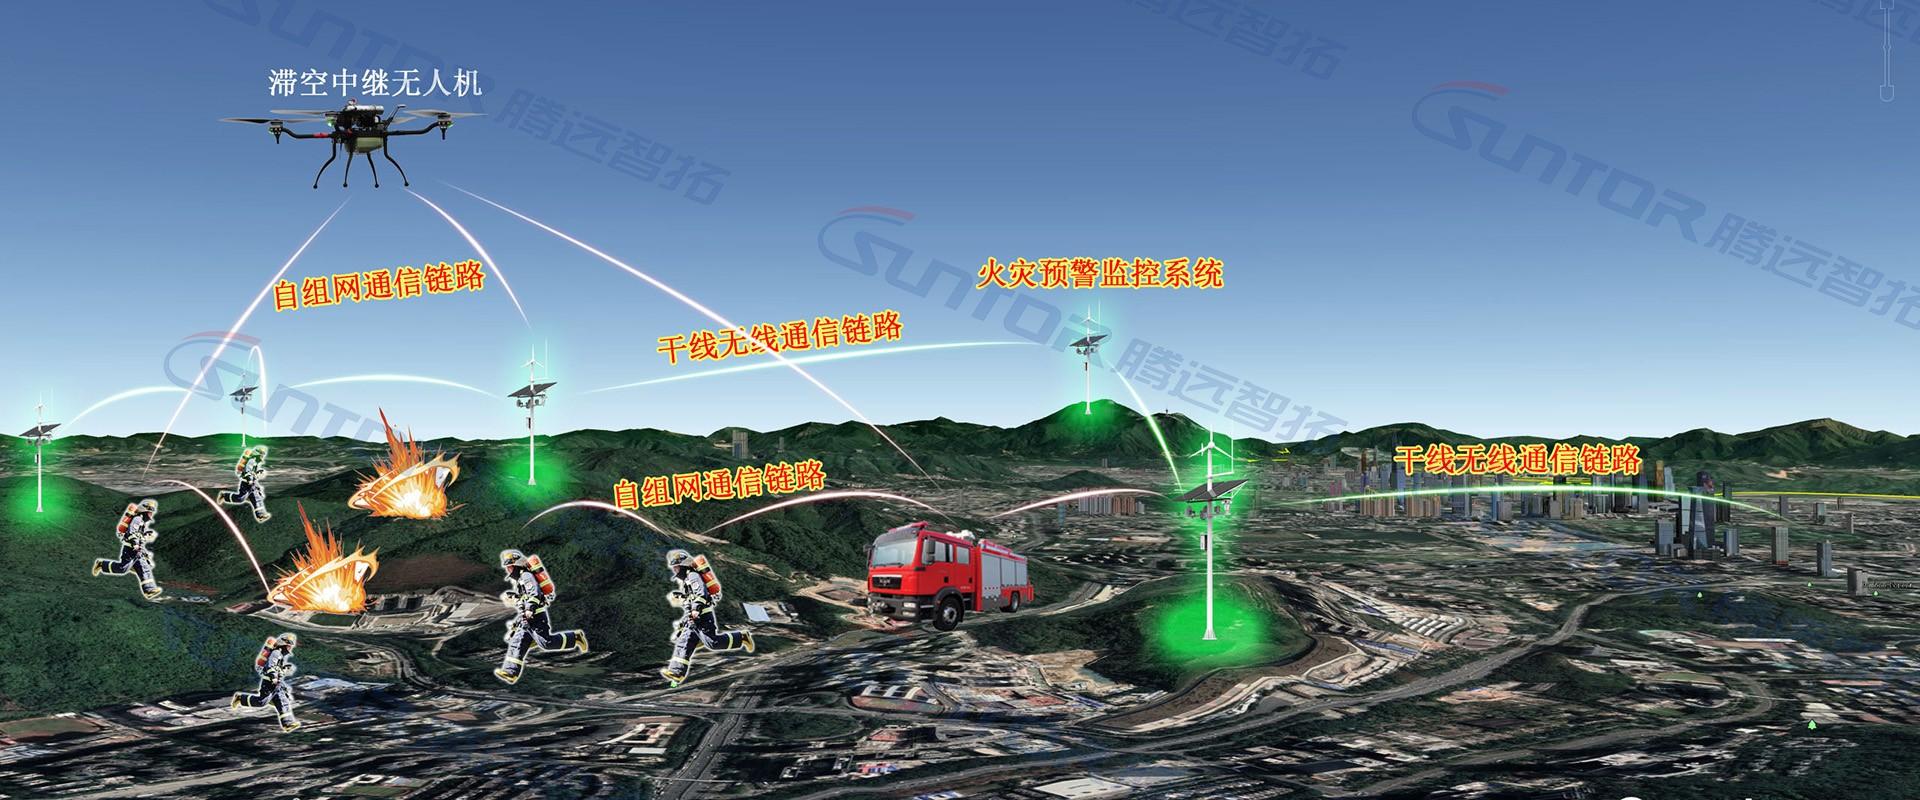 森林消防應急(ji)無線自組網(wang)方案圖